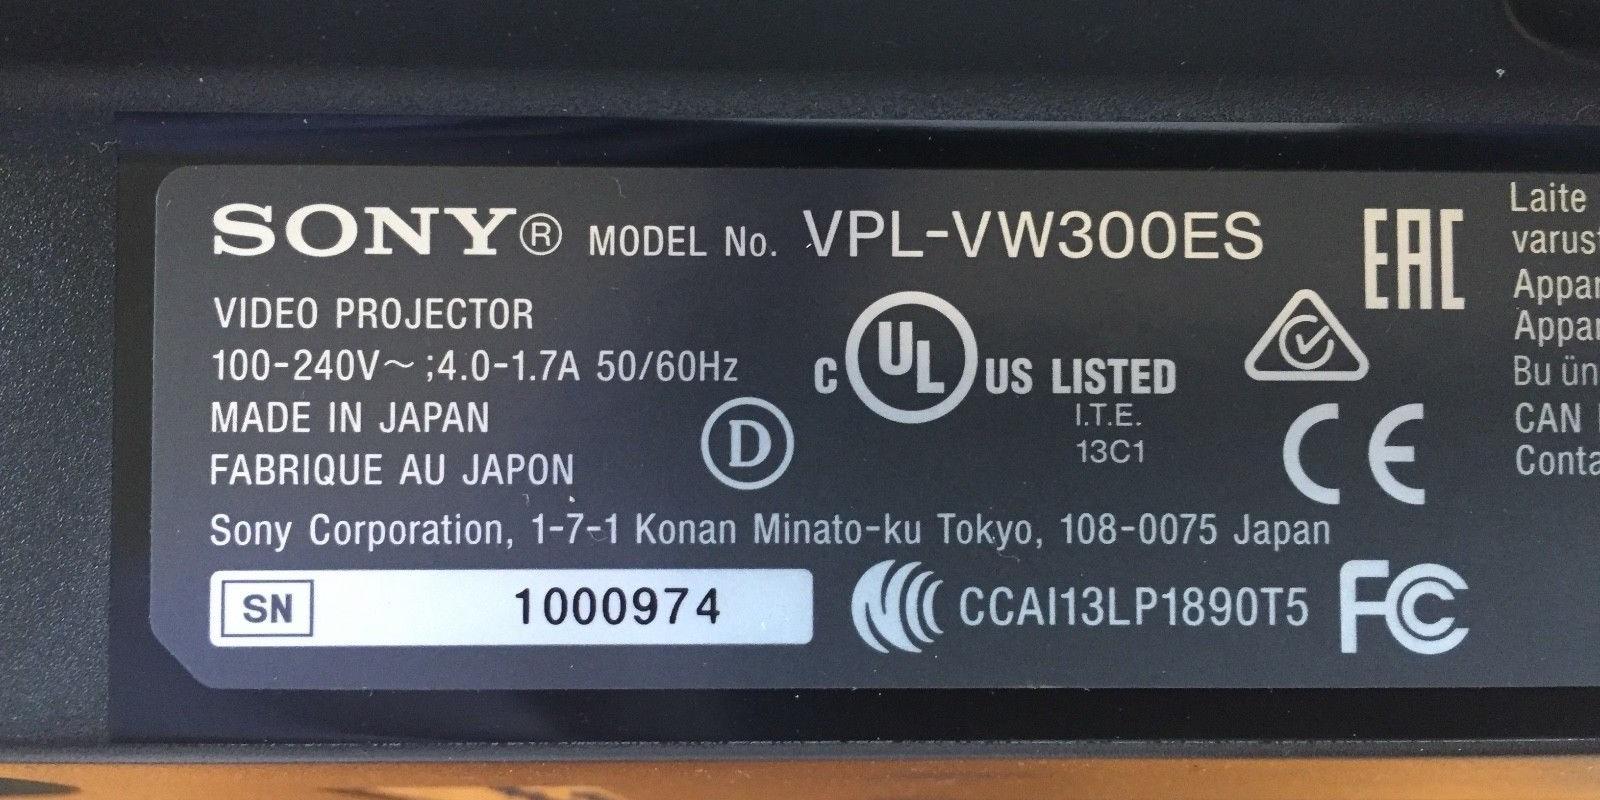 Sony Projector Manuals Ebook M60 Mcb Circuit Breaker Mini China Reader Prs 950 Array Fs Vpl Vw300es Home Cinema 4k 3d Sxrd Rh Forums Audioholics Com